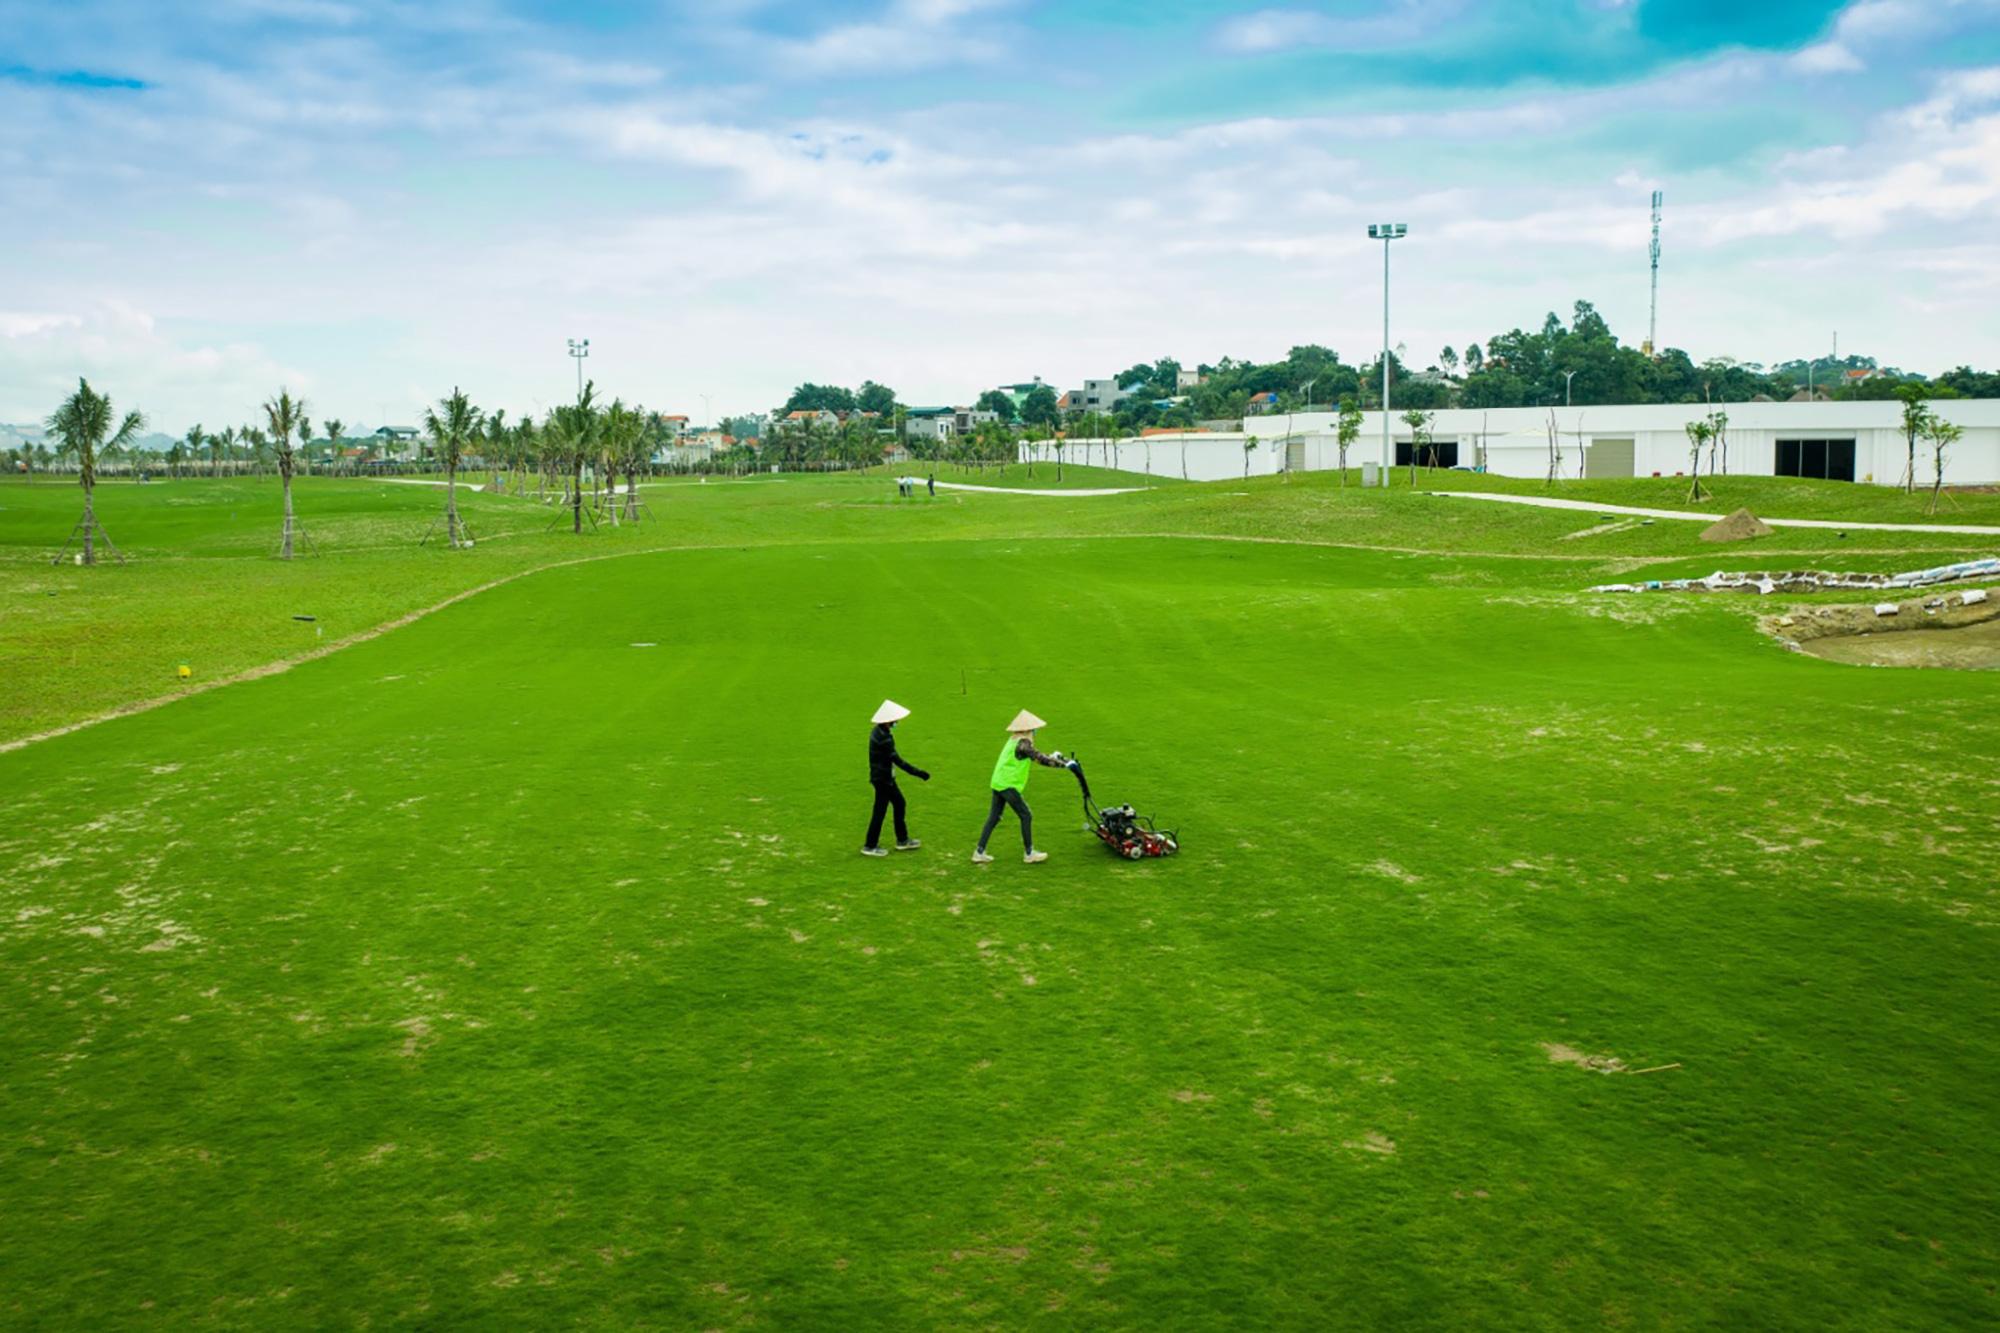 Dự án sân golf lớn nhất Quảng Ninh dự kiến khai thác trong tháng 6/2021 - Ảnh 2.